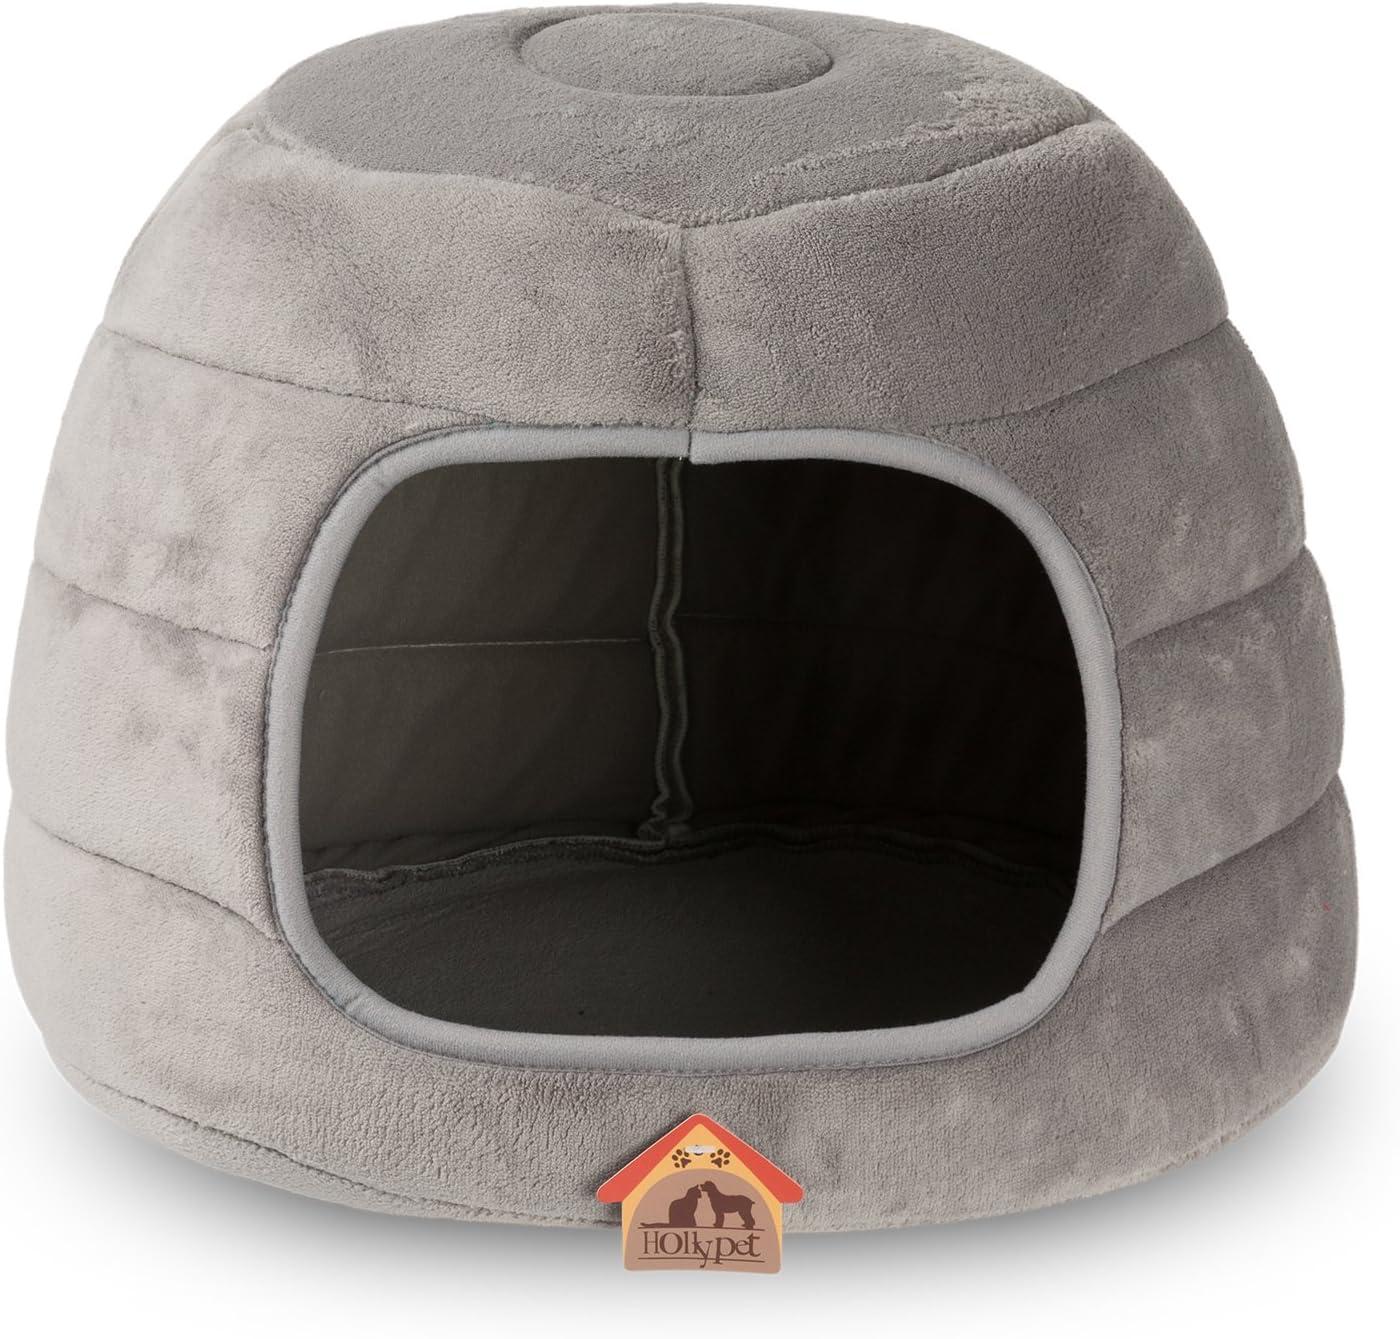 Hollypet Cama para gatos de mascotas y gatos pequeños y en forma de cueva plegable con forma de cueva plegable de terciopelo coralino de terciopelo, Gris